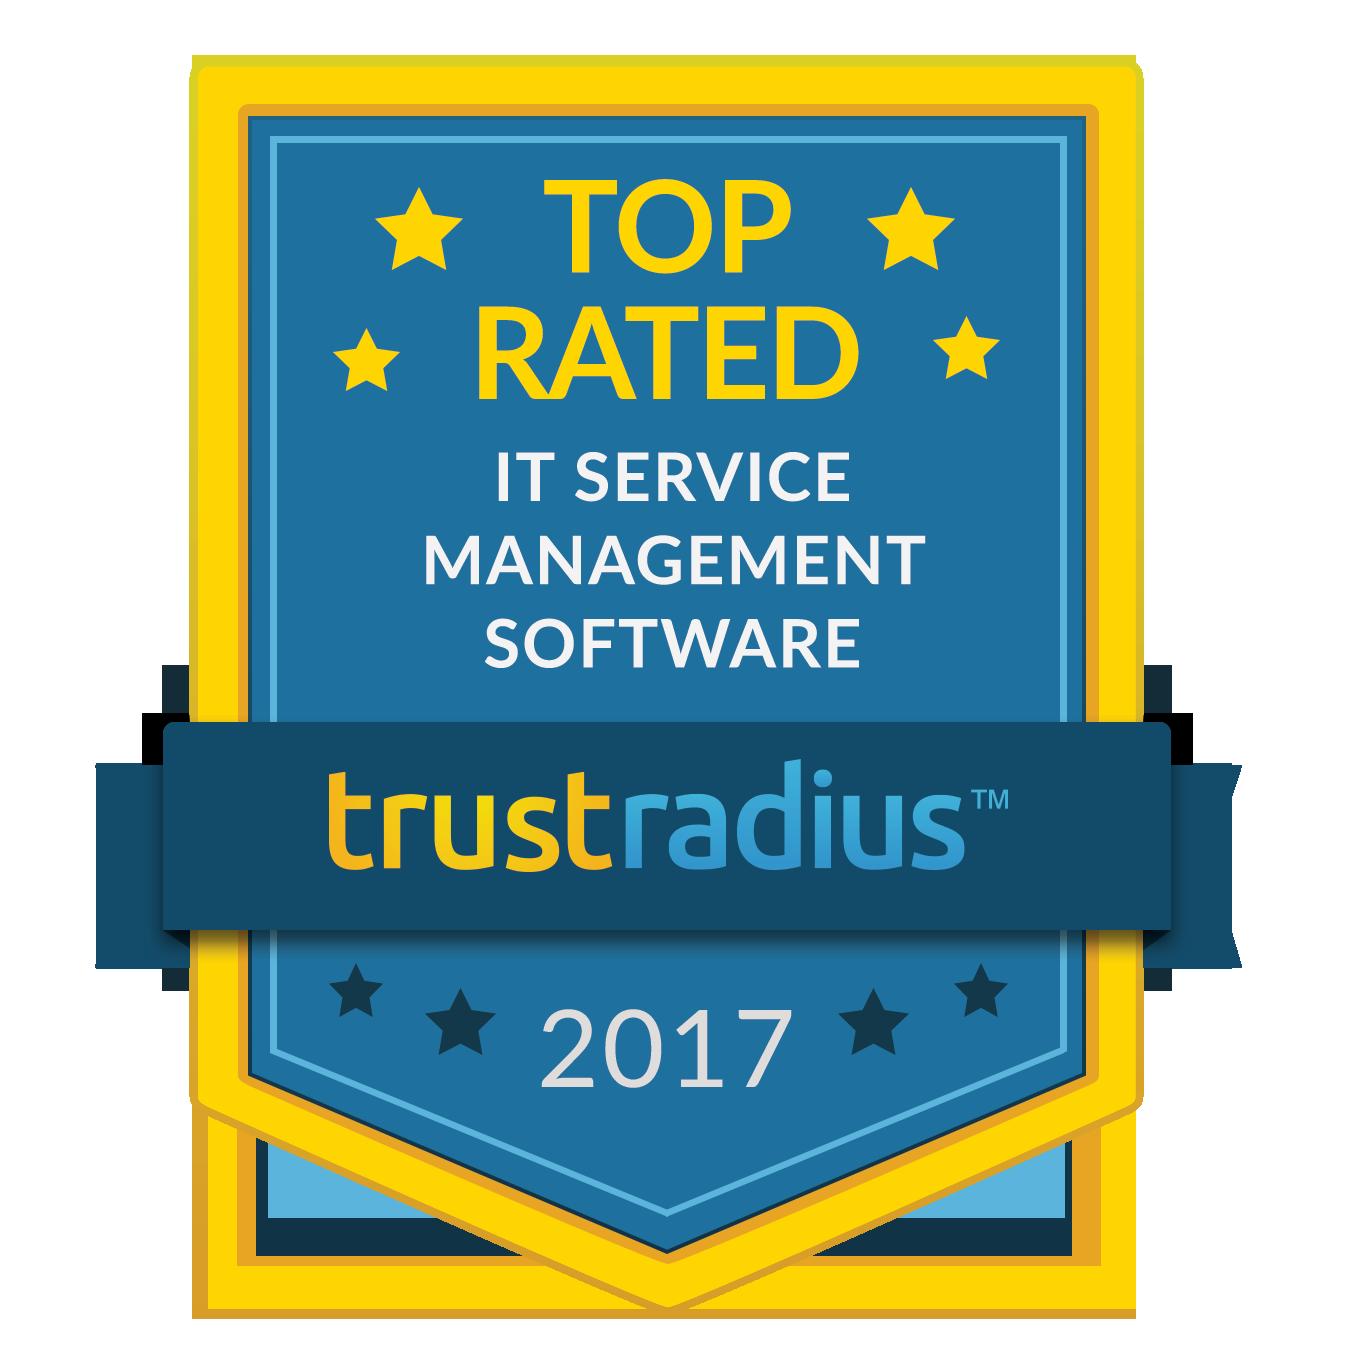 Erstklassige Bewertung auf TrustRadius